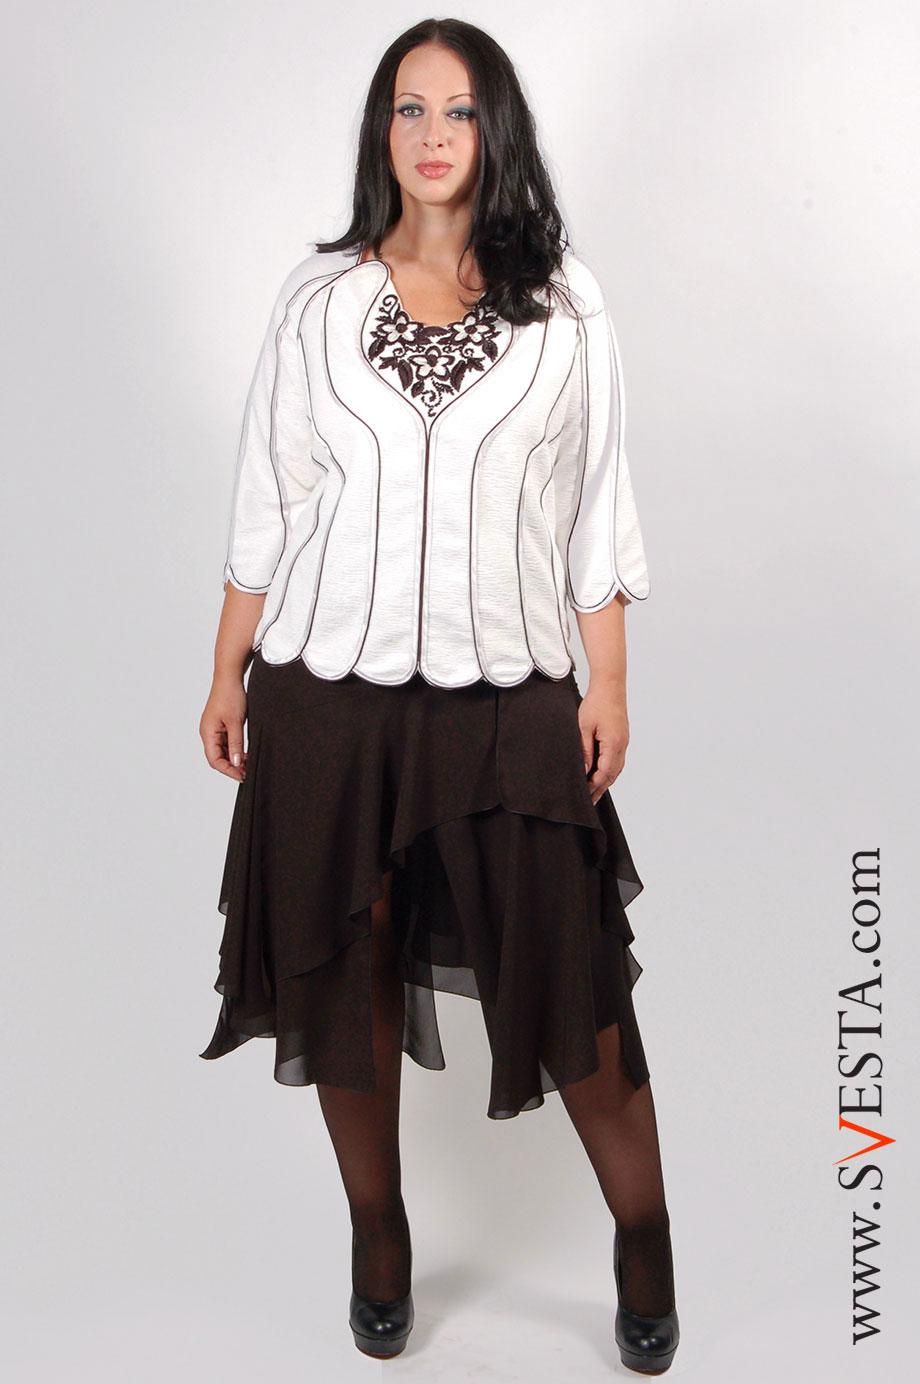 Праздничные блузки для женщин купить в москве